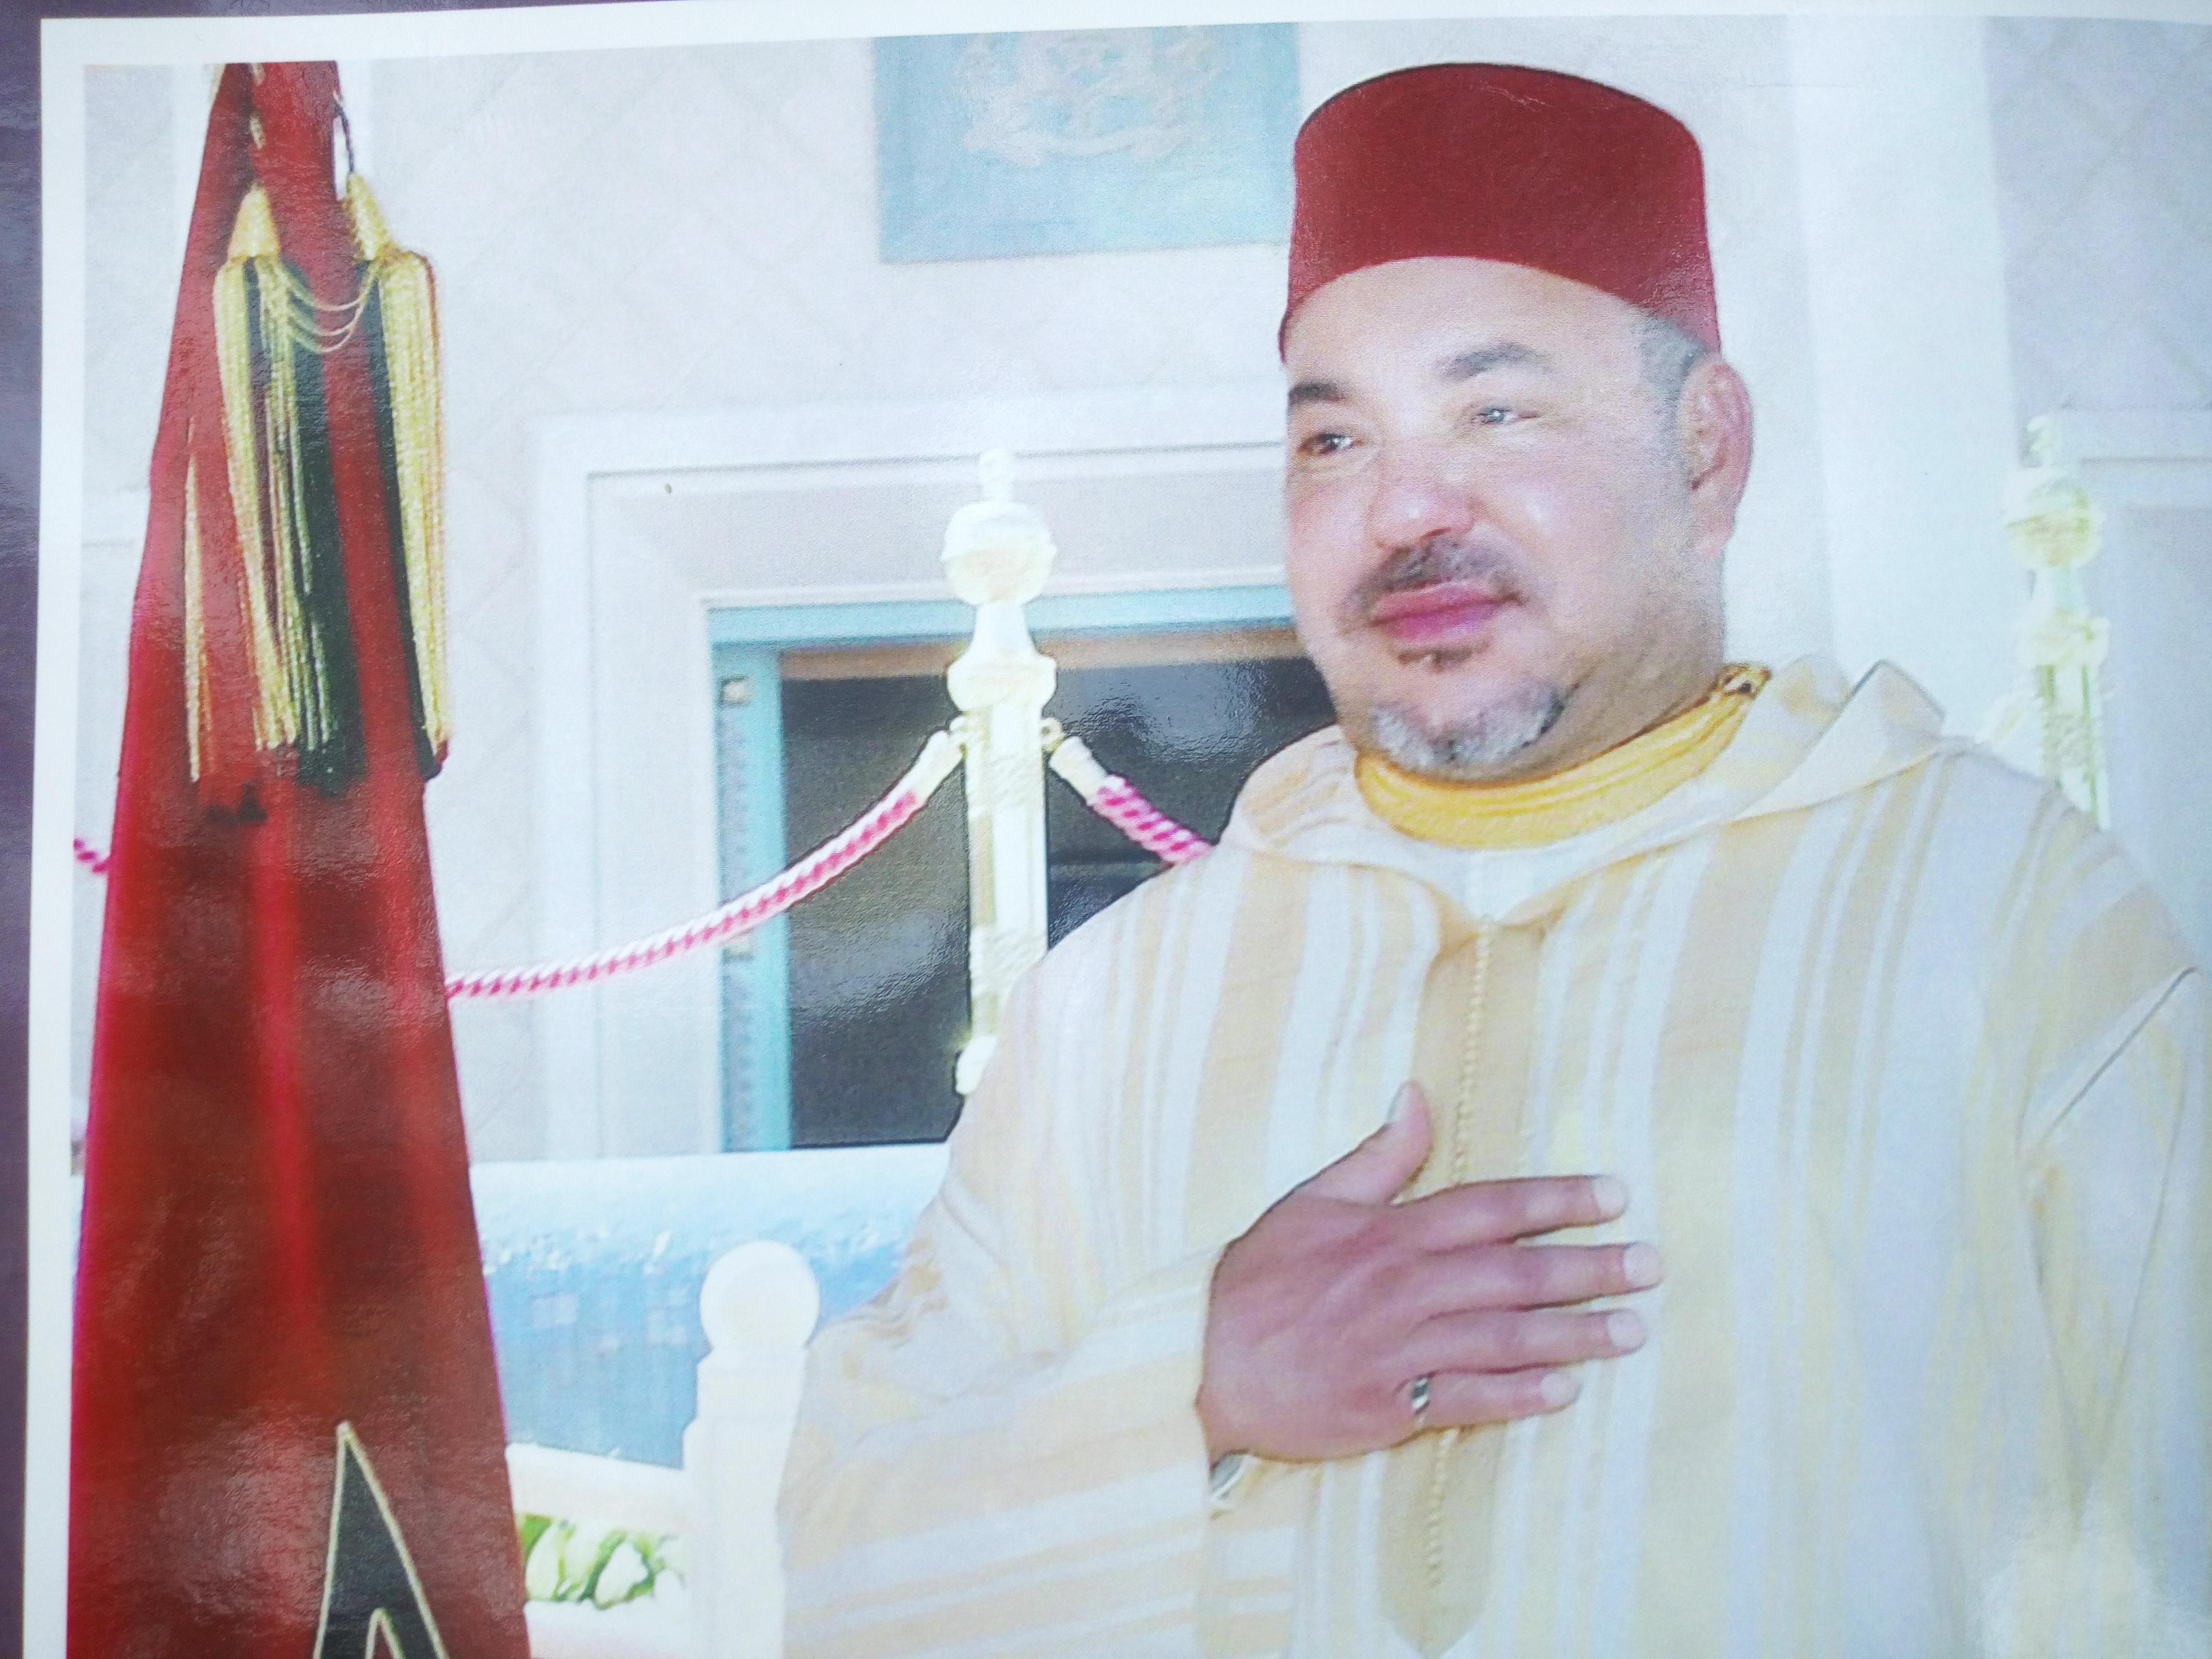 الملك محمد السادس يعين ولاة وعمالا جددا بعمالات وجهات بالمملكة